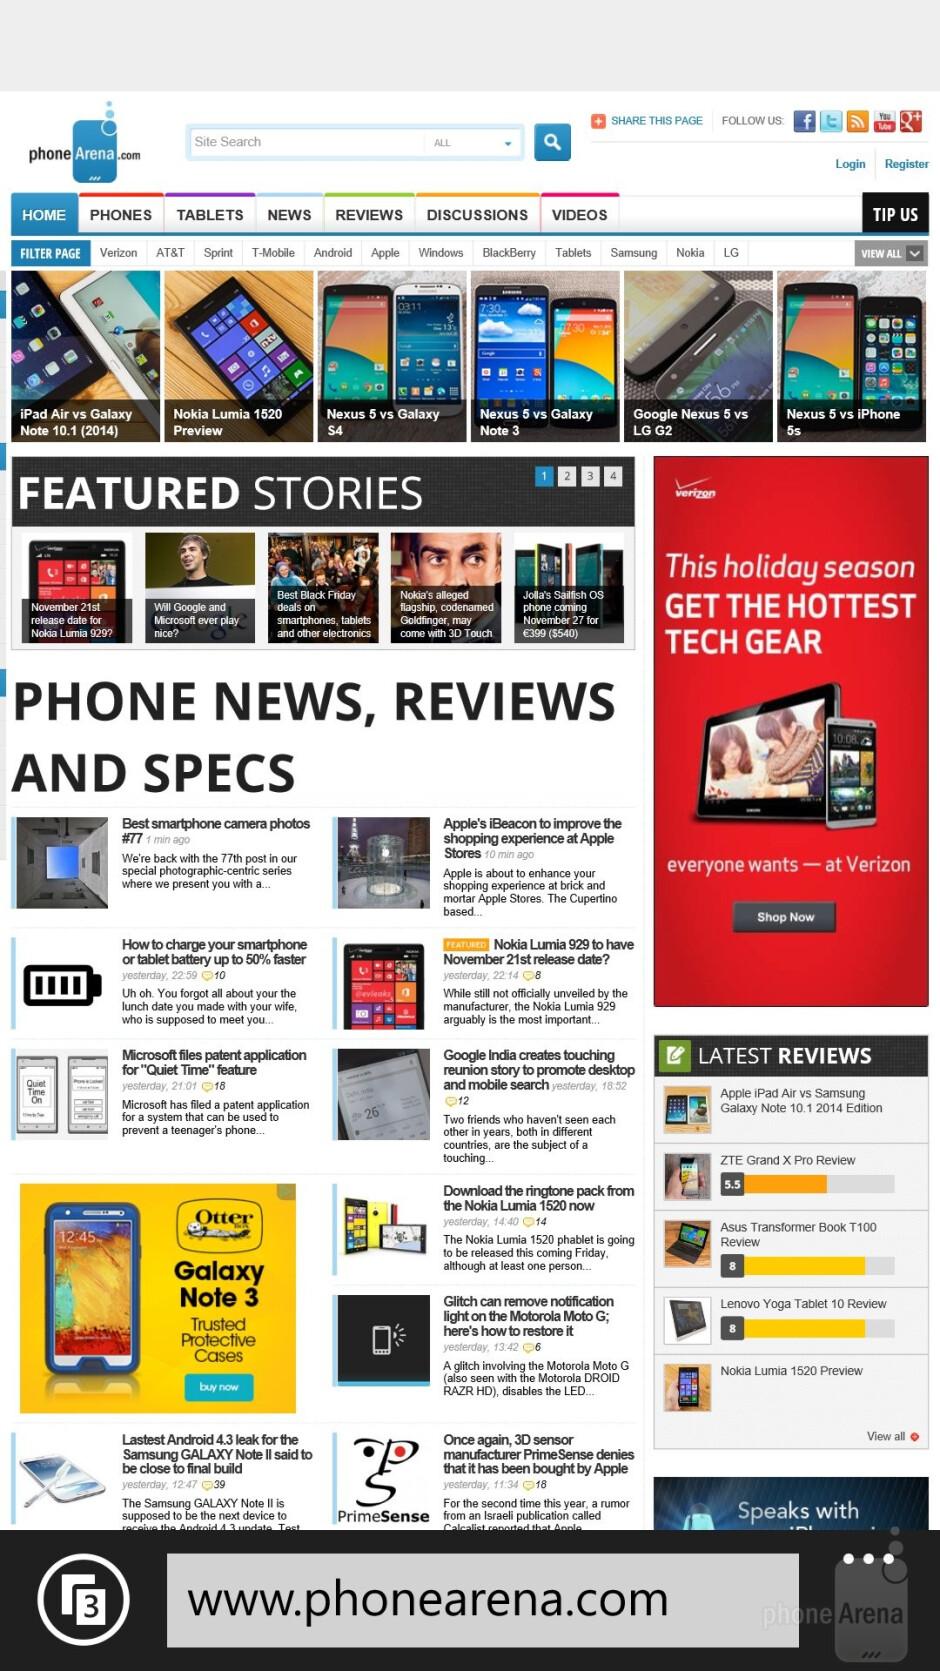 The web experience on the Nokia Lumia 1520 - Samsung Galaxy S5 vs Nokia Lumia 1520